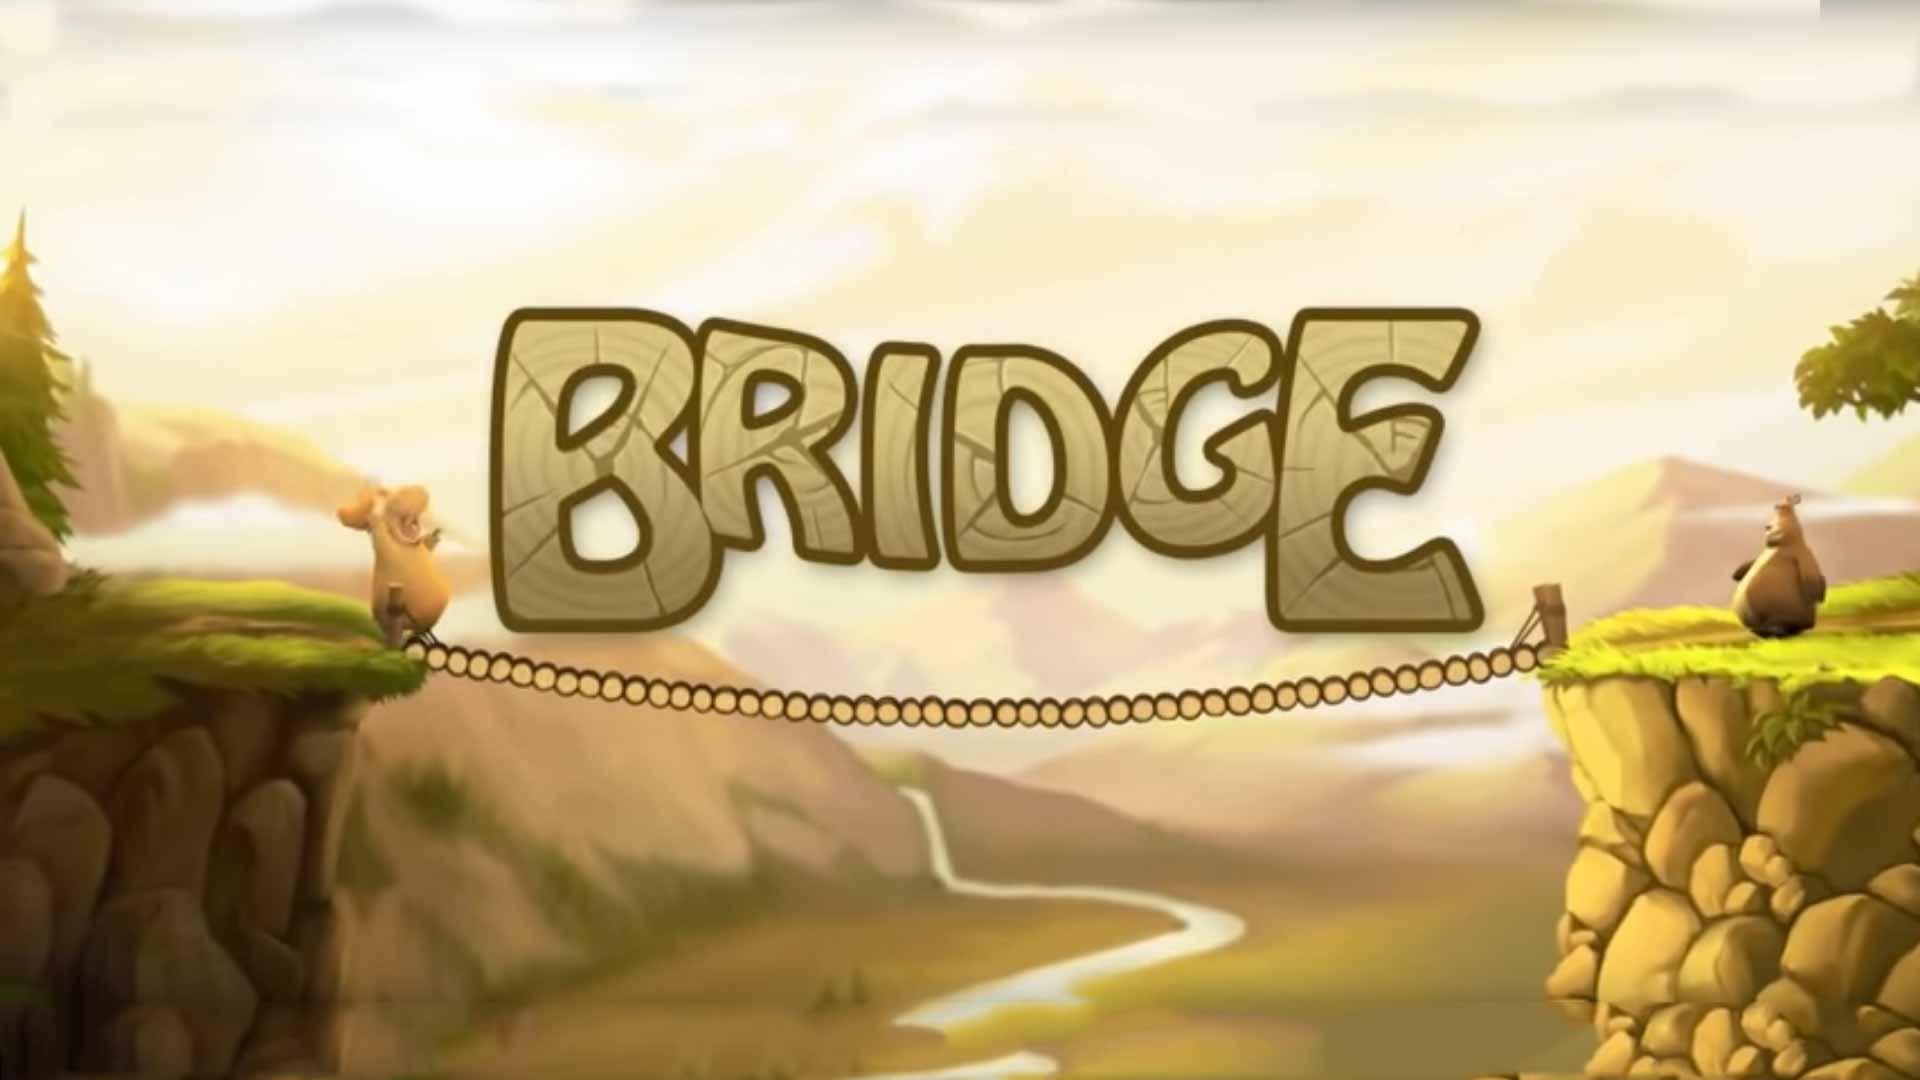 The Bridge Film